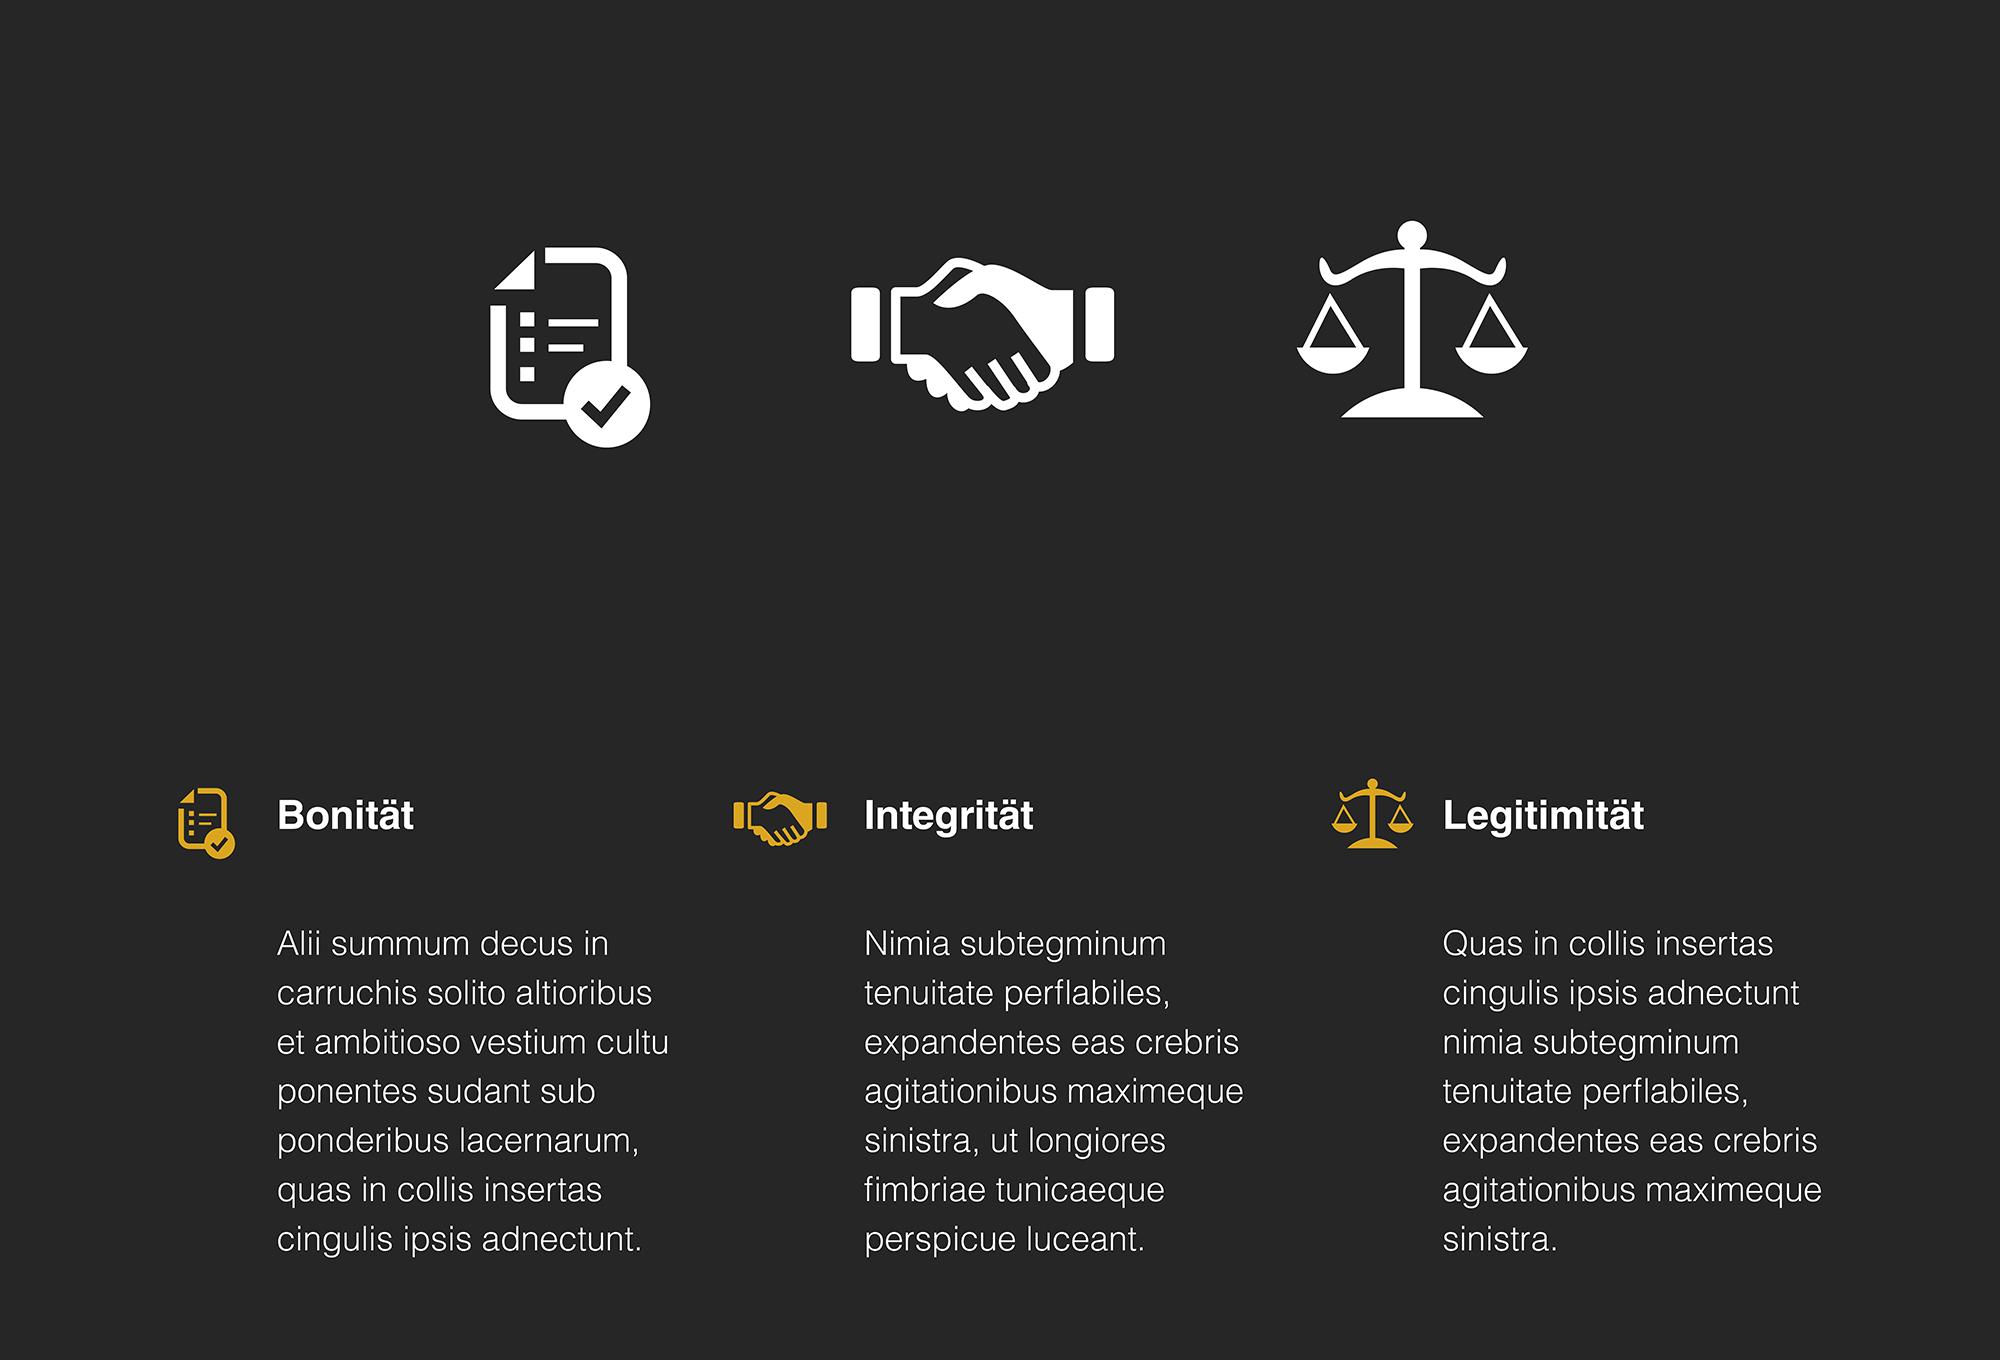 Icon Gestaltung für die Begriffe Bonität, Integrität und Legitimität